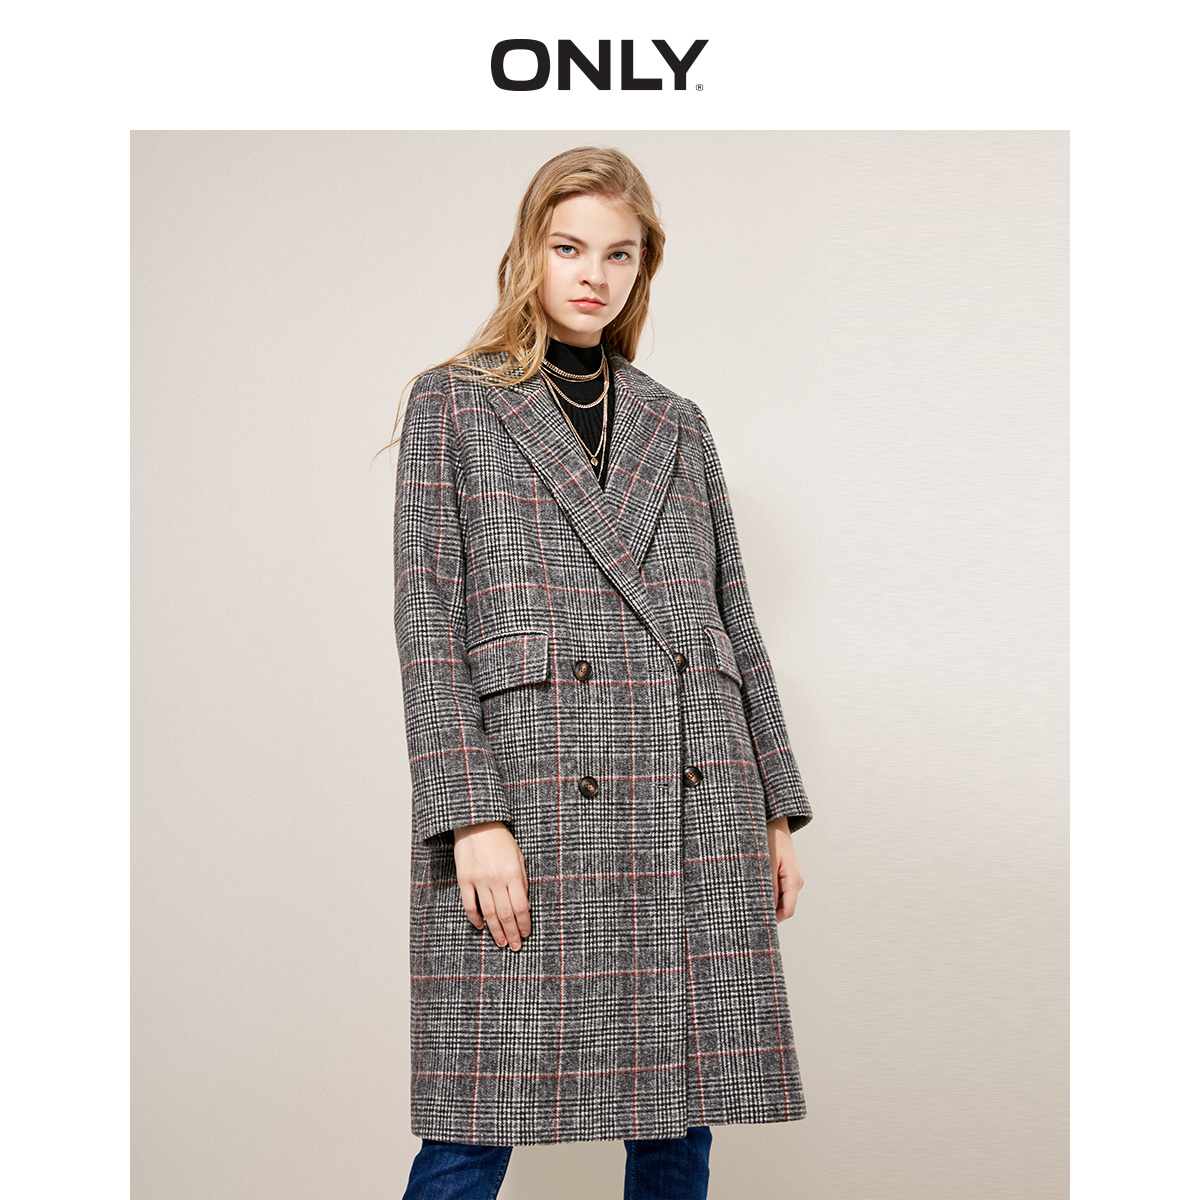 Único inverno feminino novo retro duplo breasted longo casaco de lã | 118427501